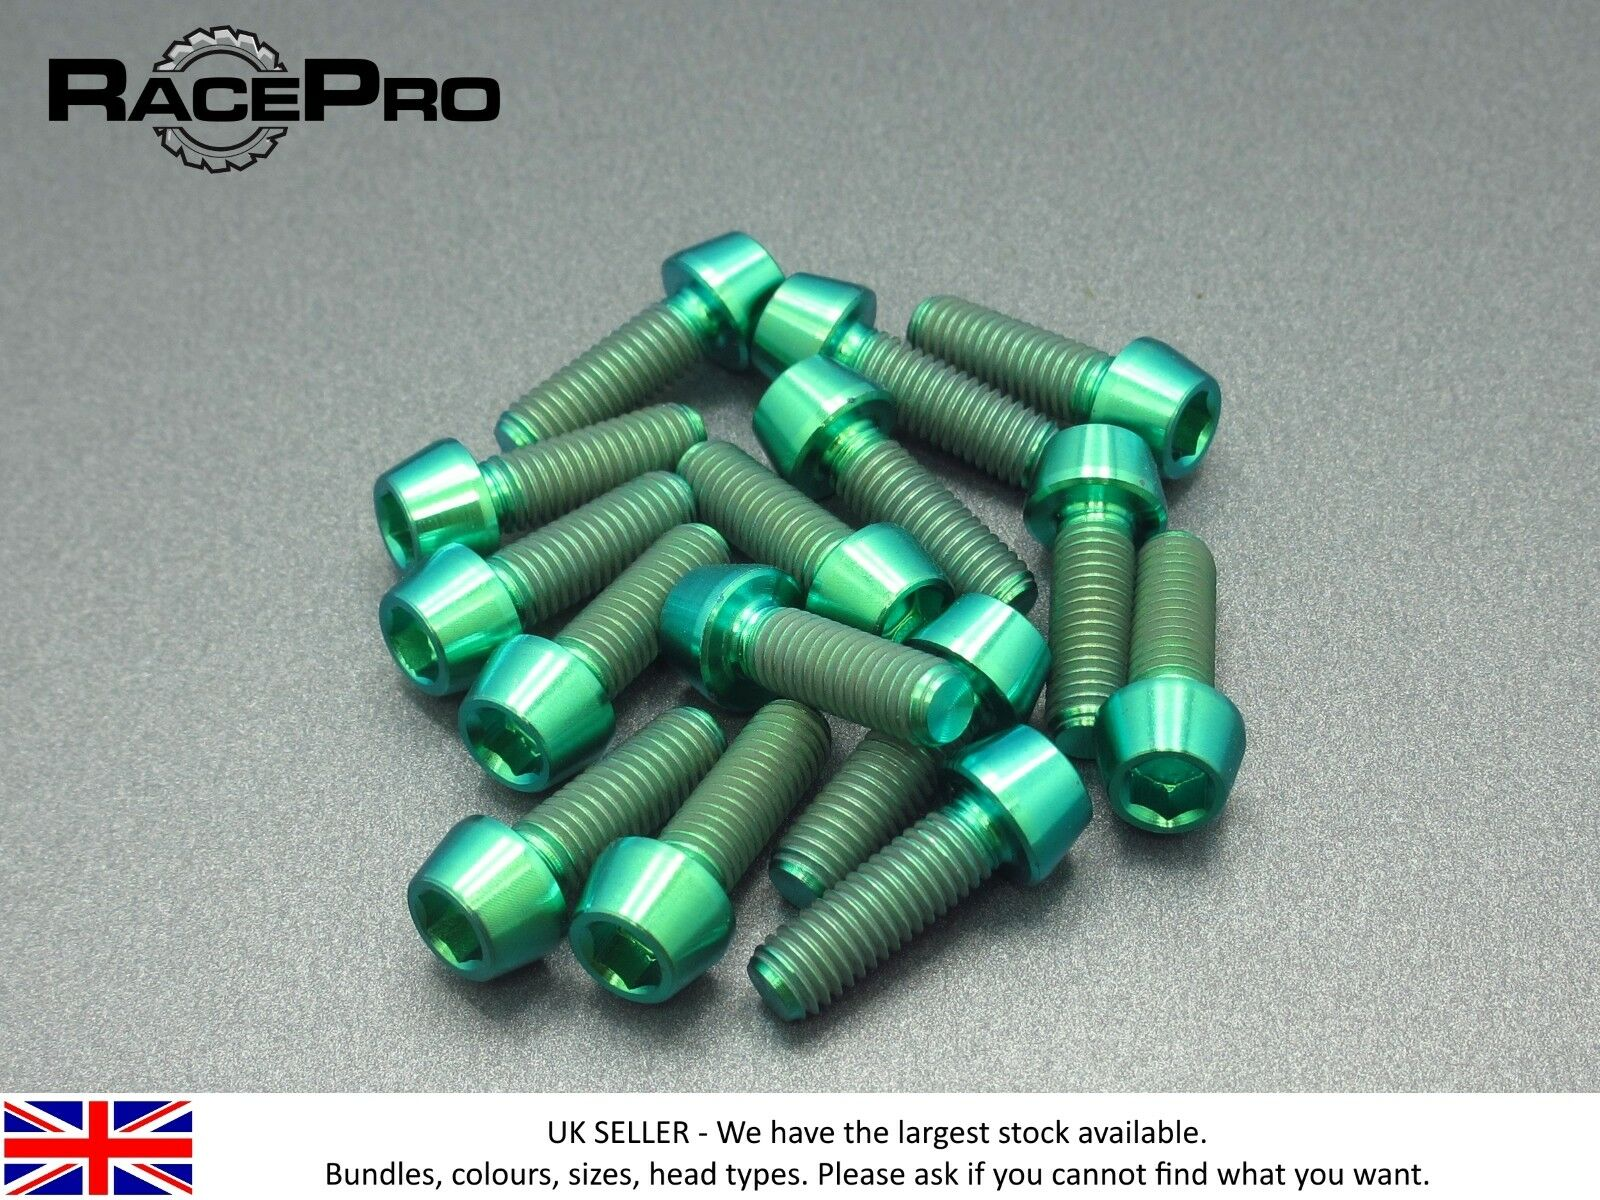 RACEPRO - 10 x tornillo cónico de Titanio GR5-M6 25mm 1mm - Cabeza Hexagonal -